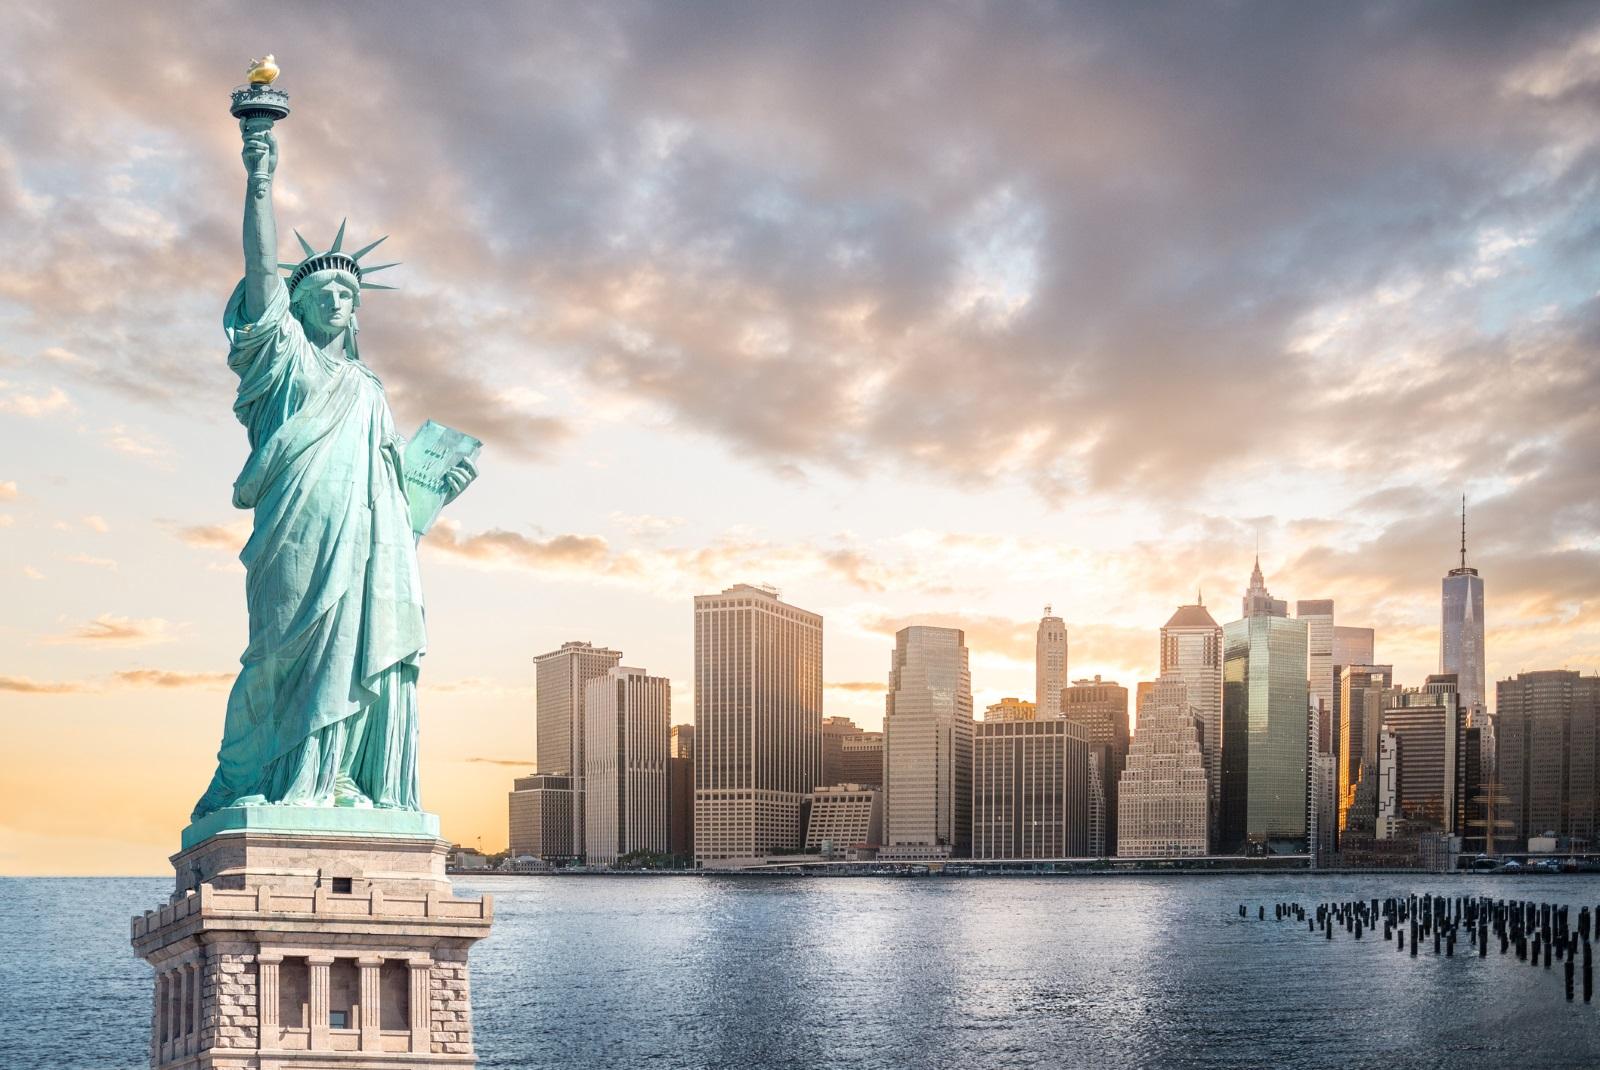 Не са много туристите в Ню Йорк, които знаят, че има малка стаичка във факлата на Статуята на свободата. През 1916 г. факелът бил повреден при експлозия, а достъпът на туристи към него - затворен завинаги.